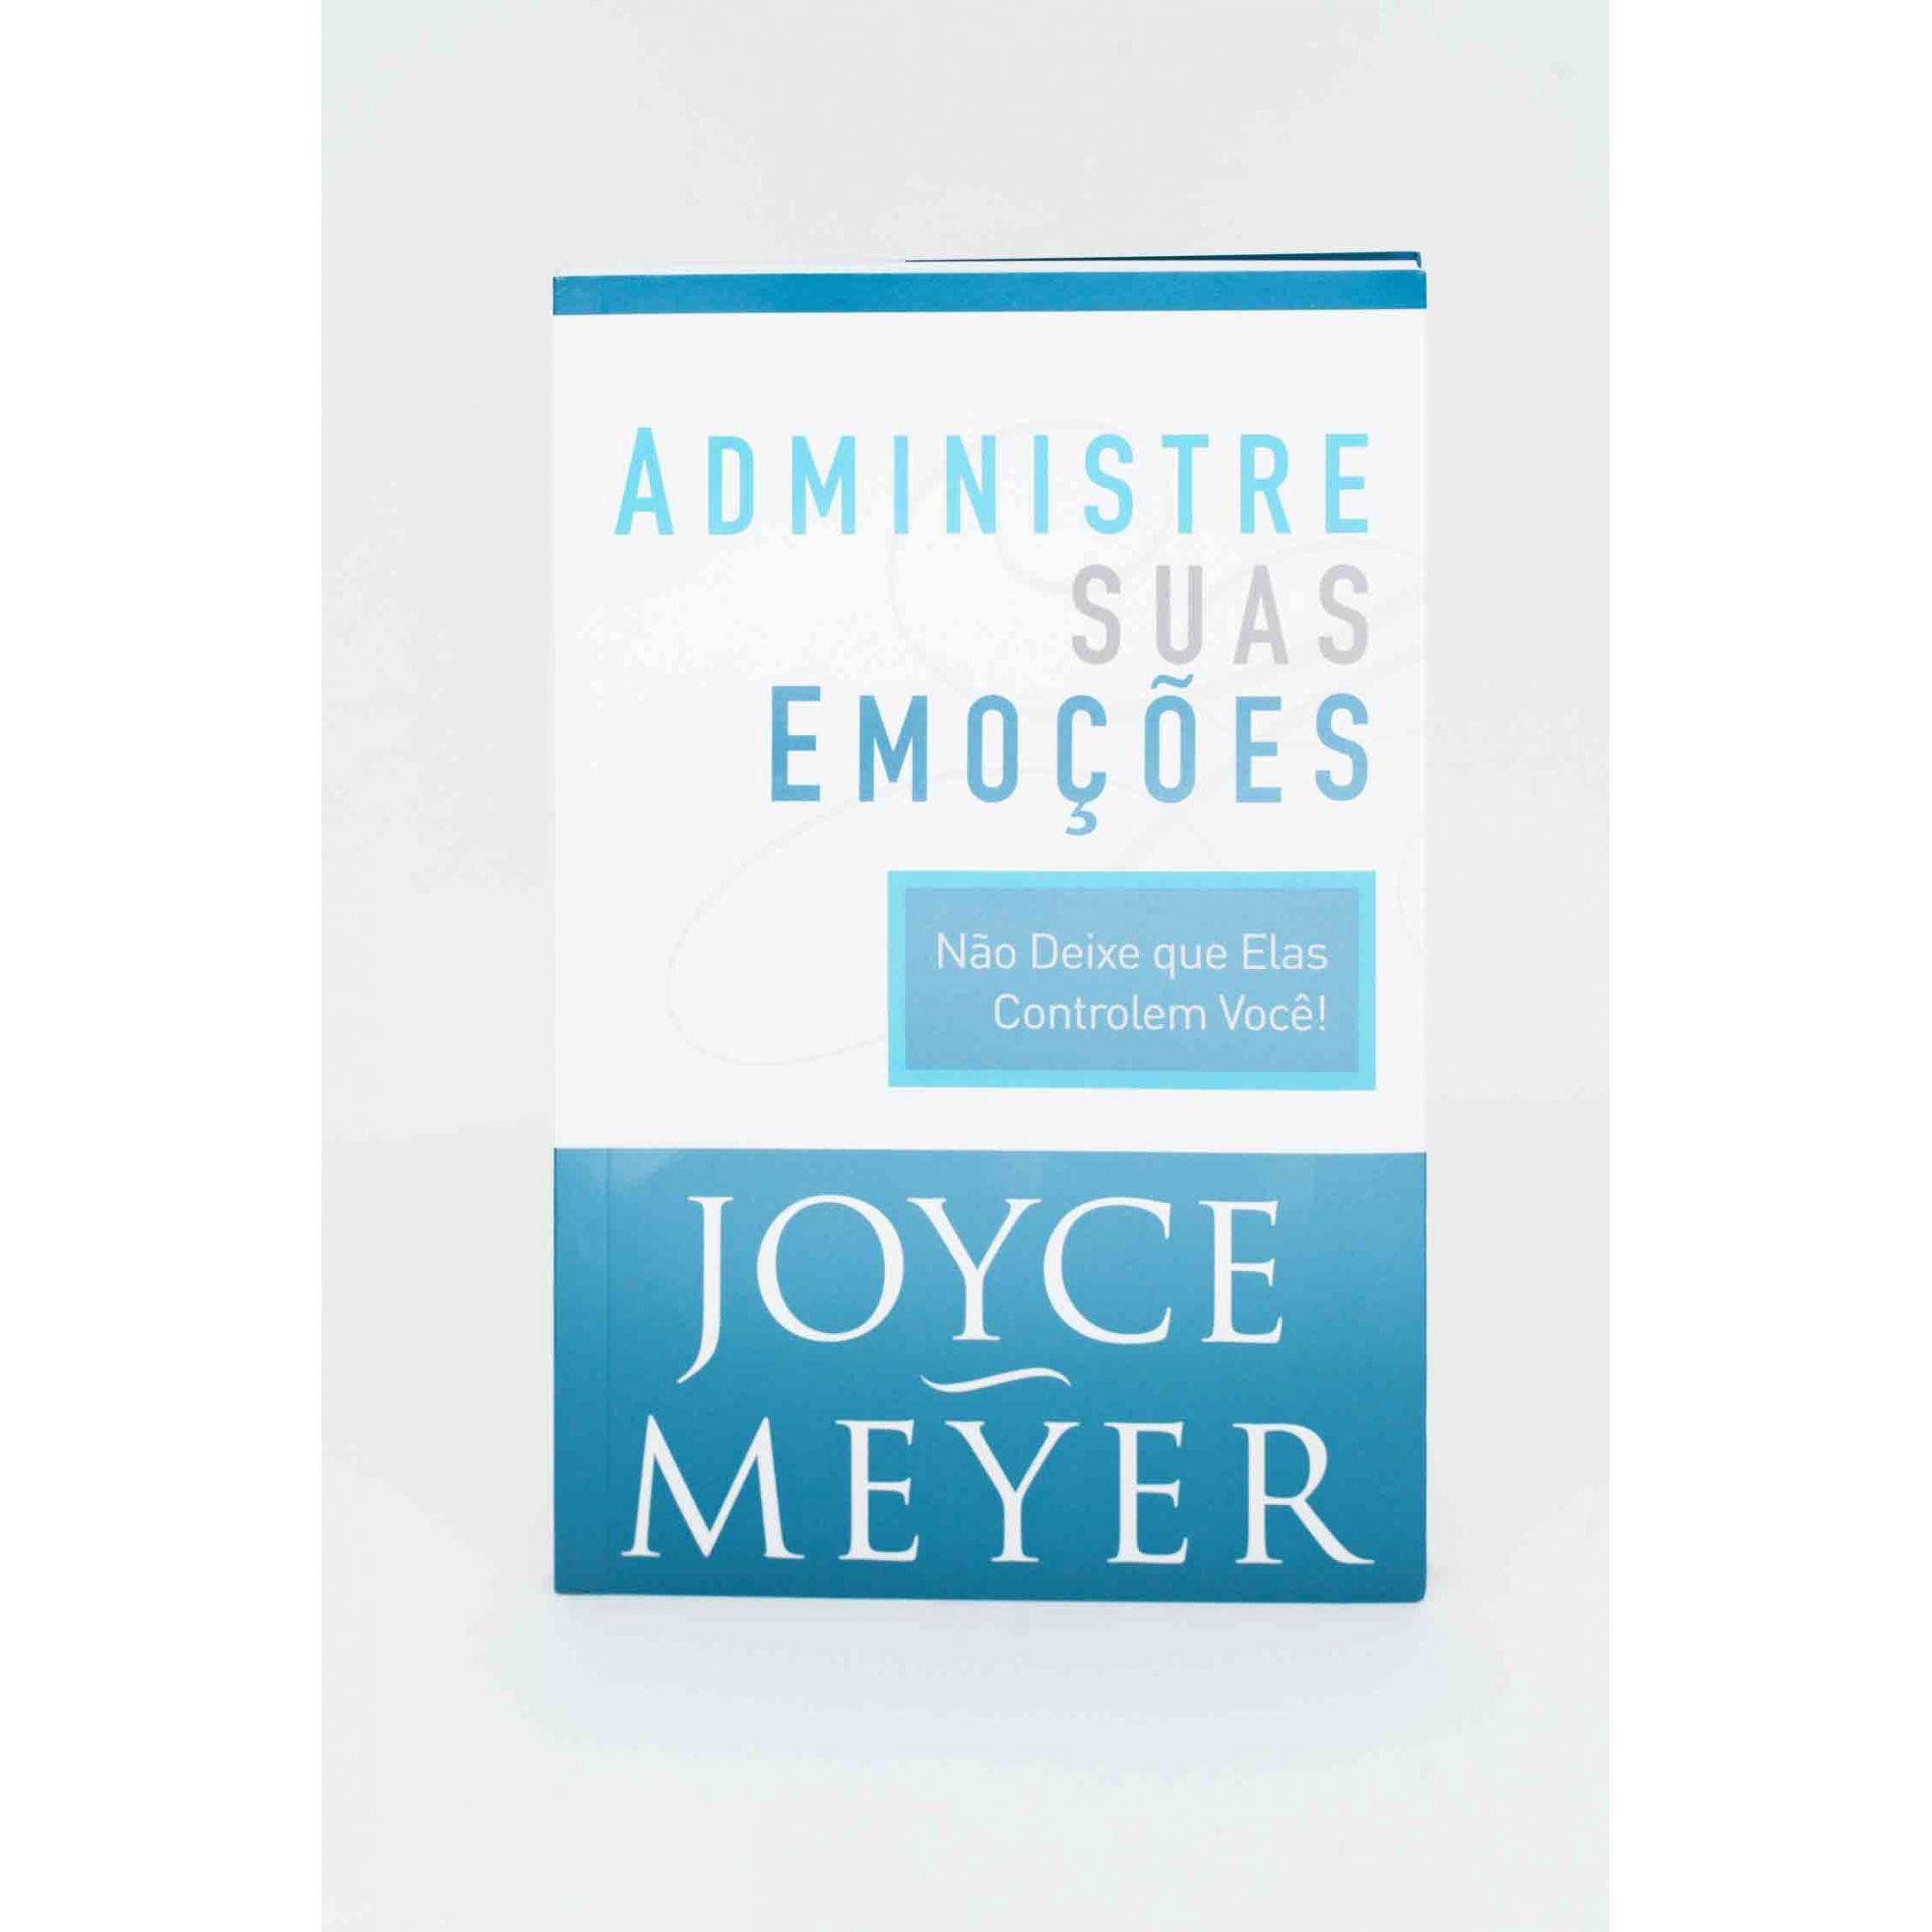 Livro - Administre suas emoções Joyce Meyer